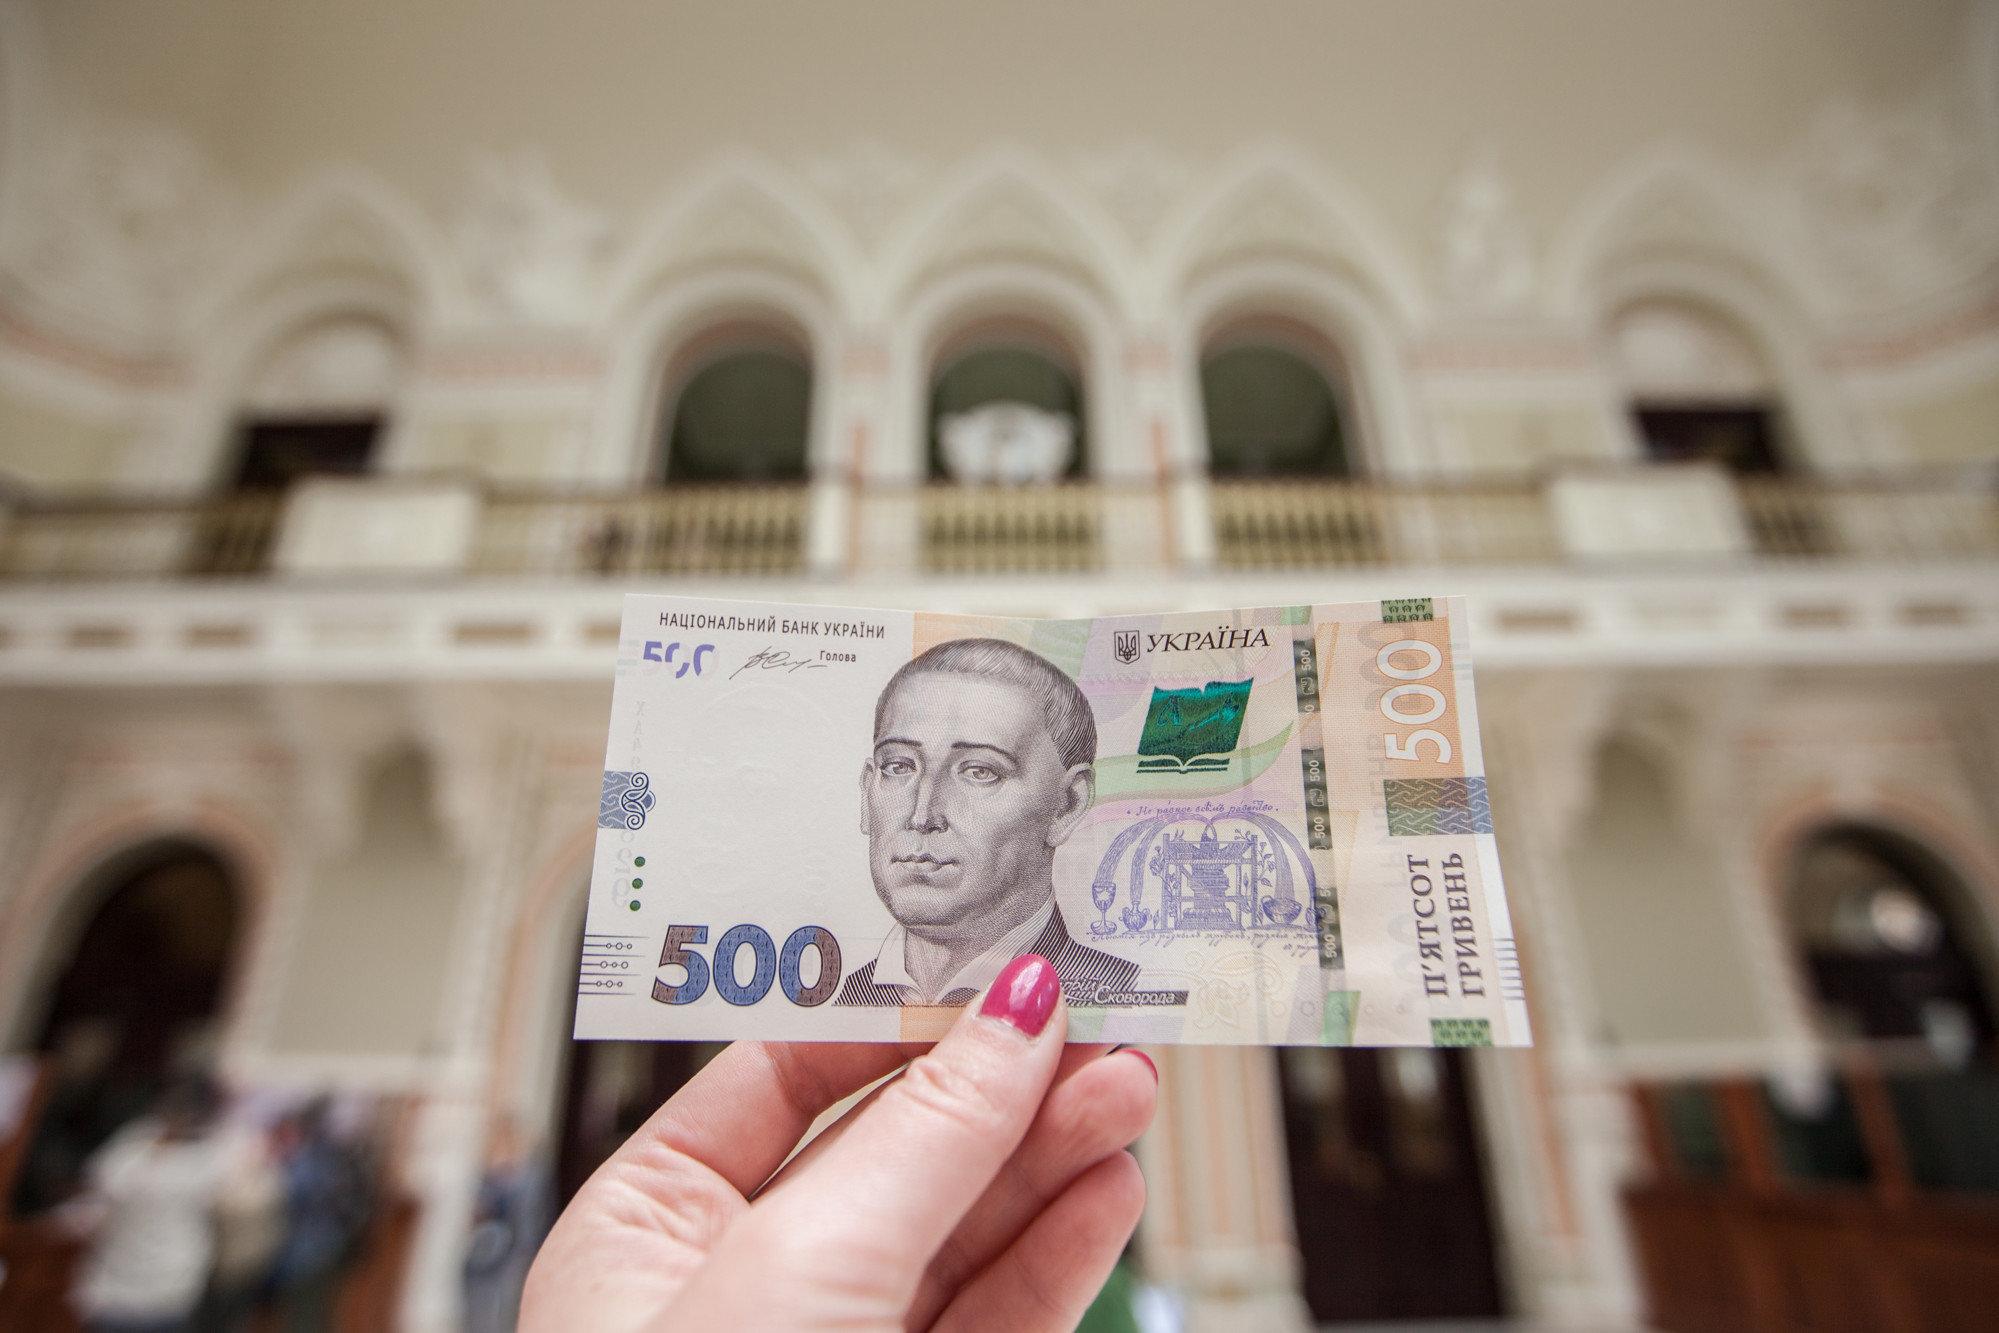 В Харьковской области бастуют из-за повышения цен на газ